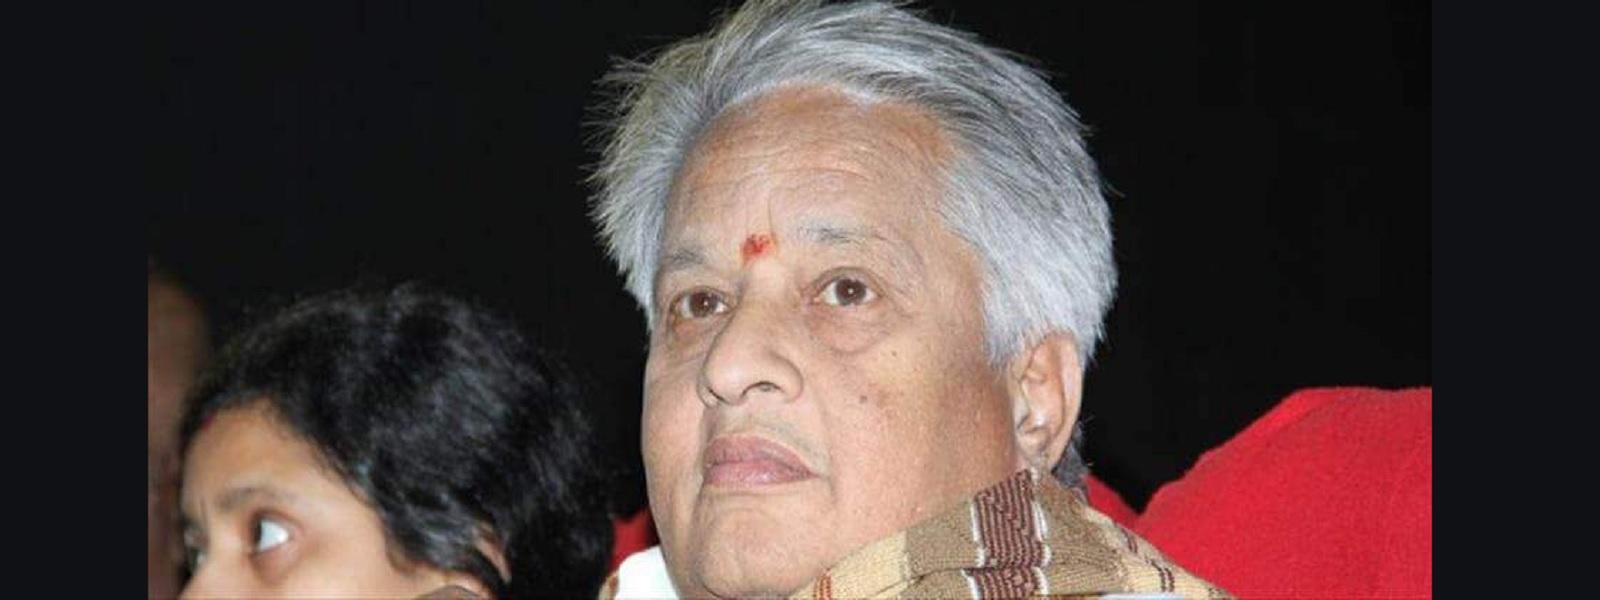 நடிகர் விசு காலமானார்